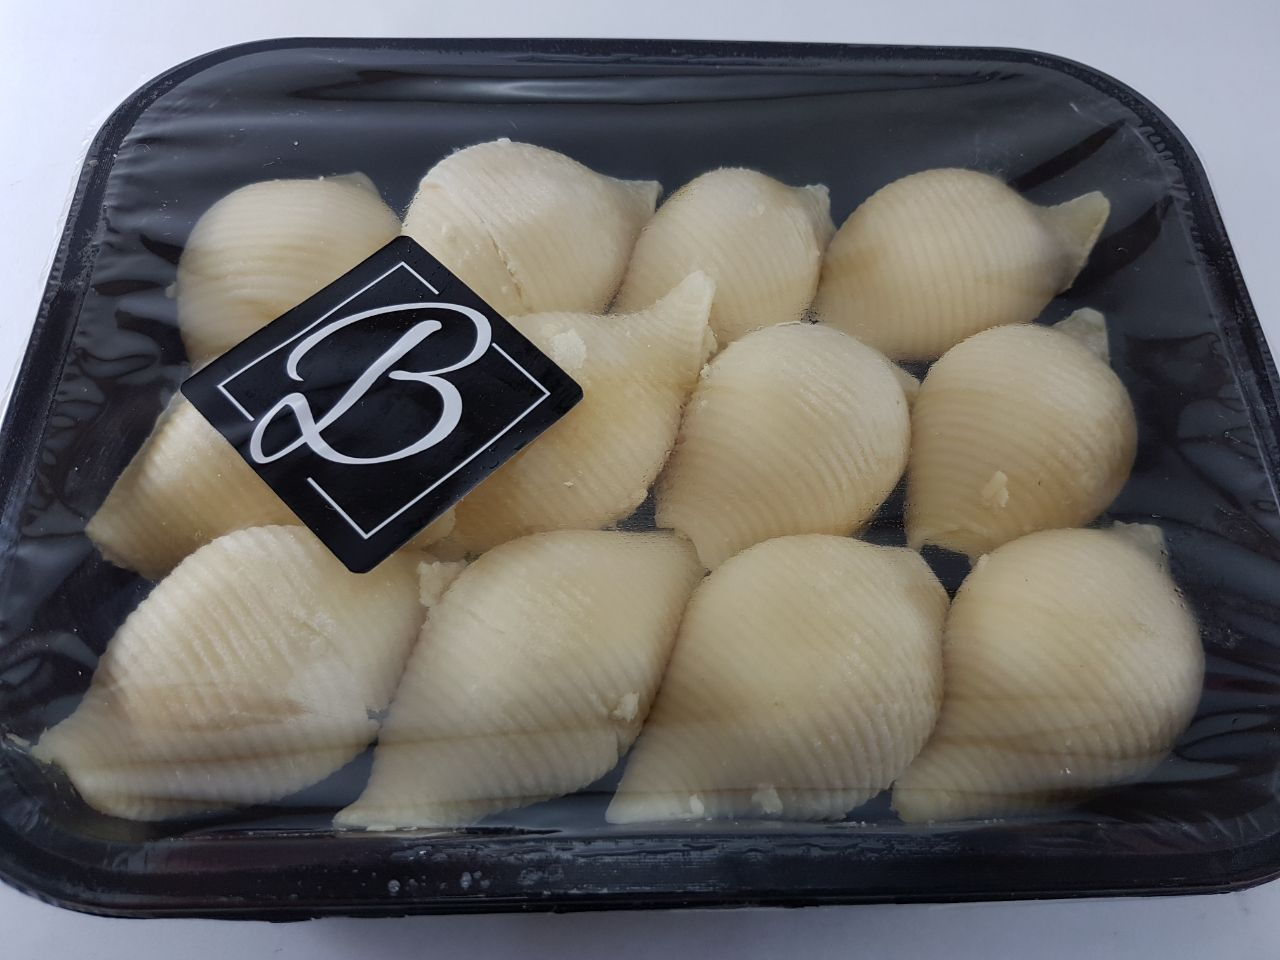 Conchiglione 4 queijos Nova Benta 600g